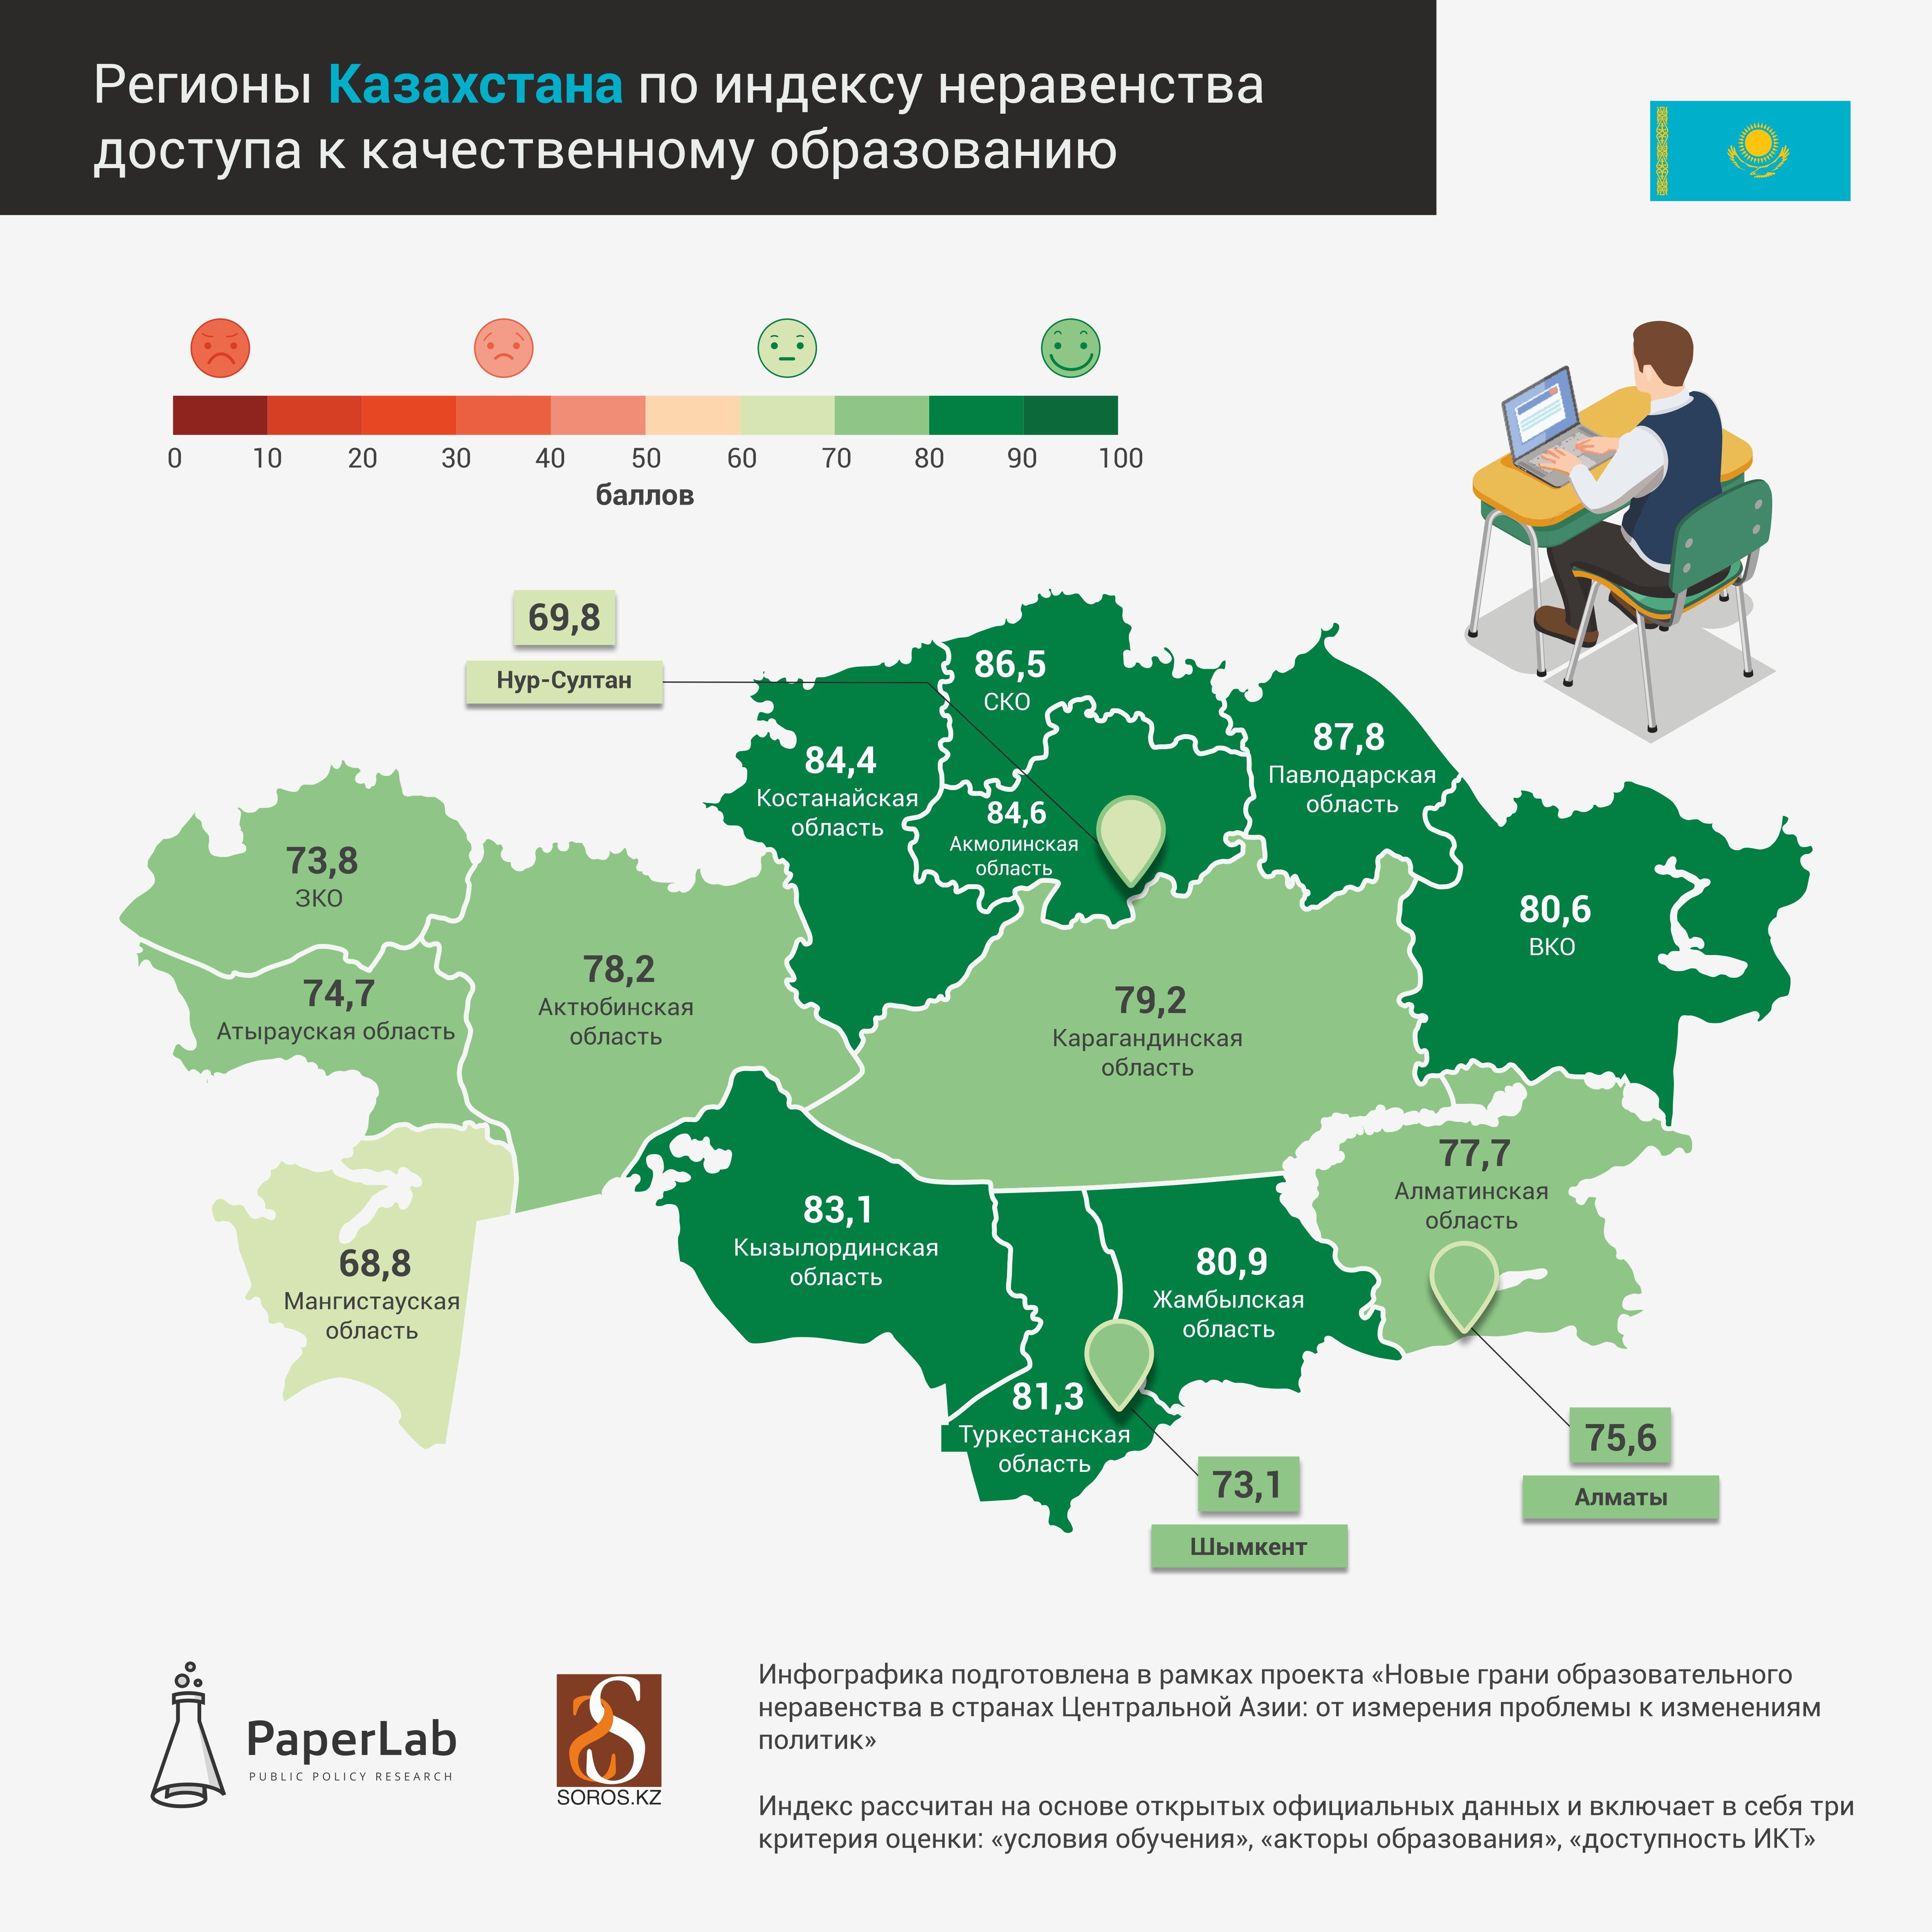 Составлен рейтинг областей по доступности качественного образования 691696 - Kapital.kz